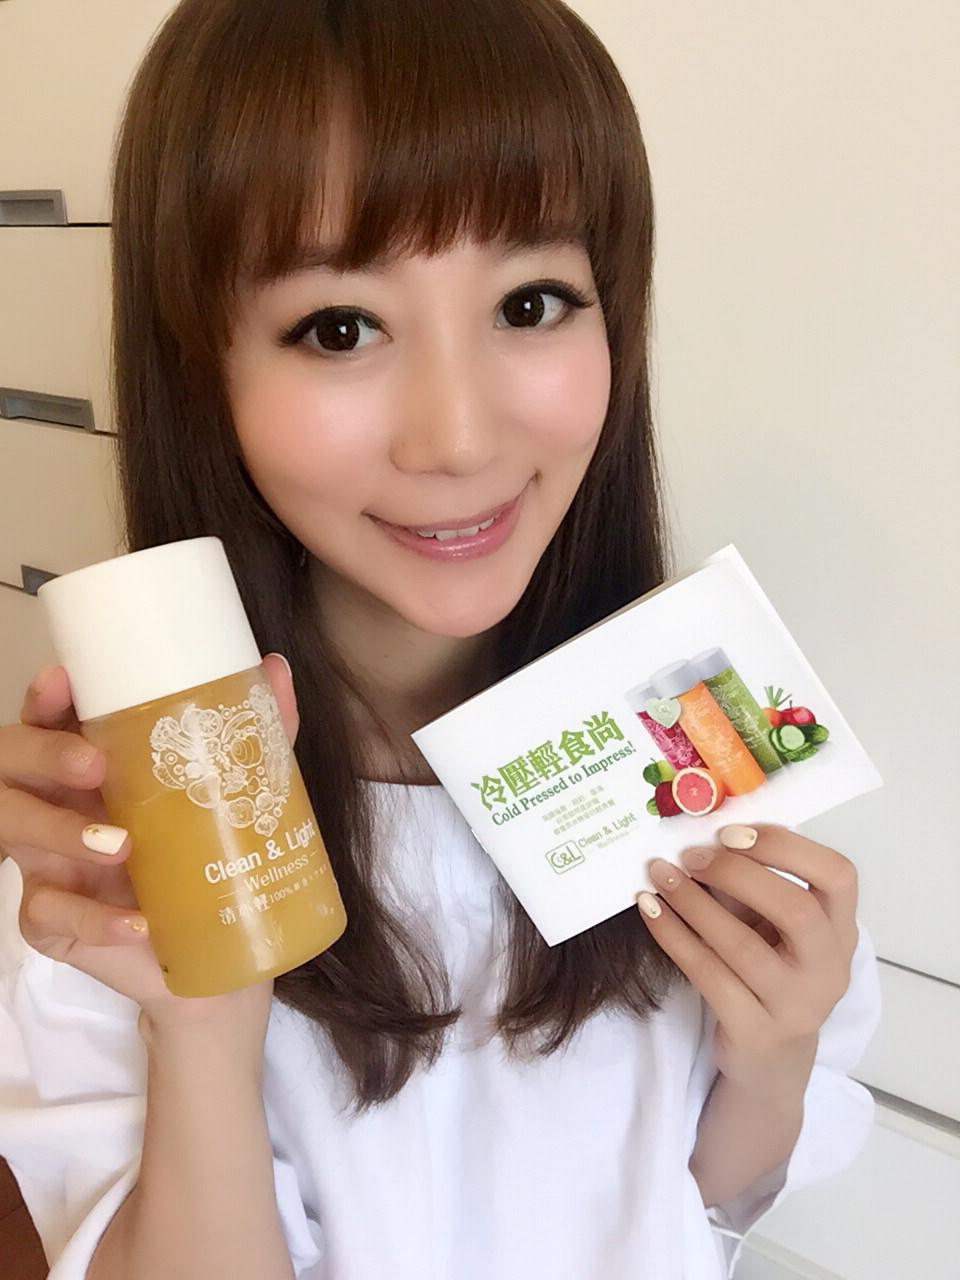 Clean&Ligh冷壓輕食尚♥新鮮冷壓蔬果汁♥一天一餐來『清亦輕』吧 (≧∇≦)/